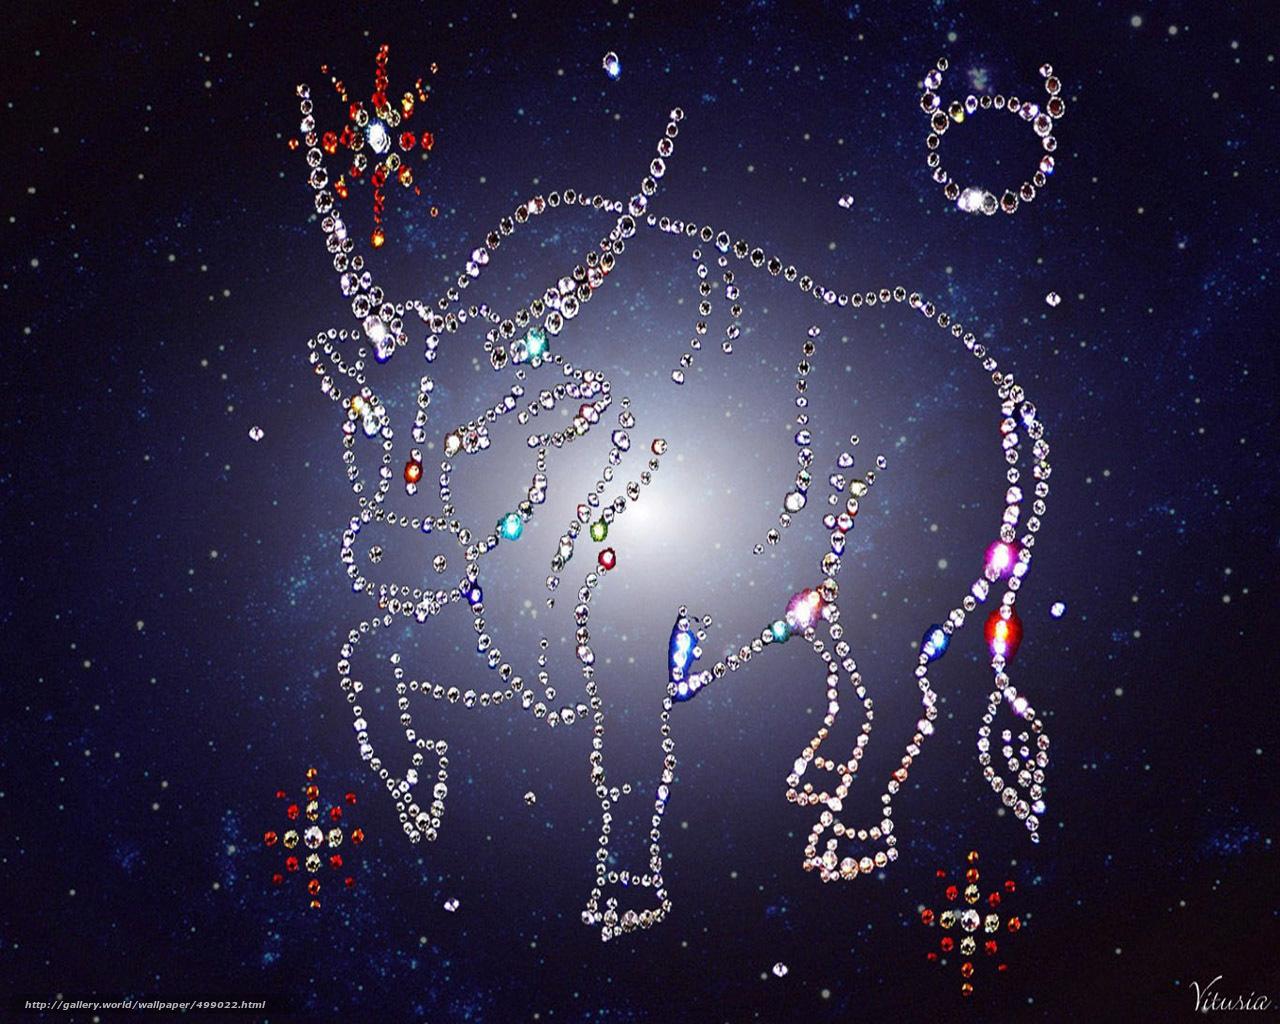 Scaricare Gli Sfondi Zodiaco Toro Segno Sfondi Gratis Per La